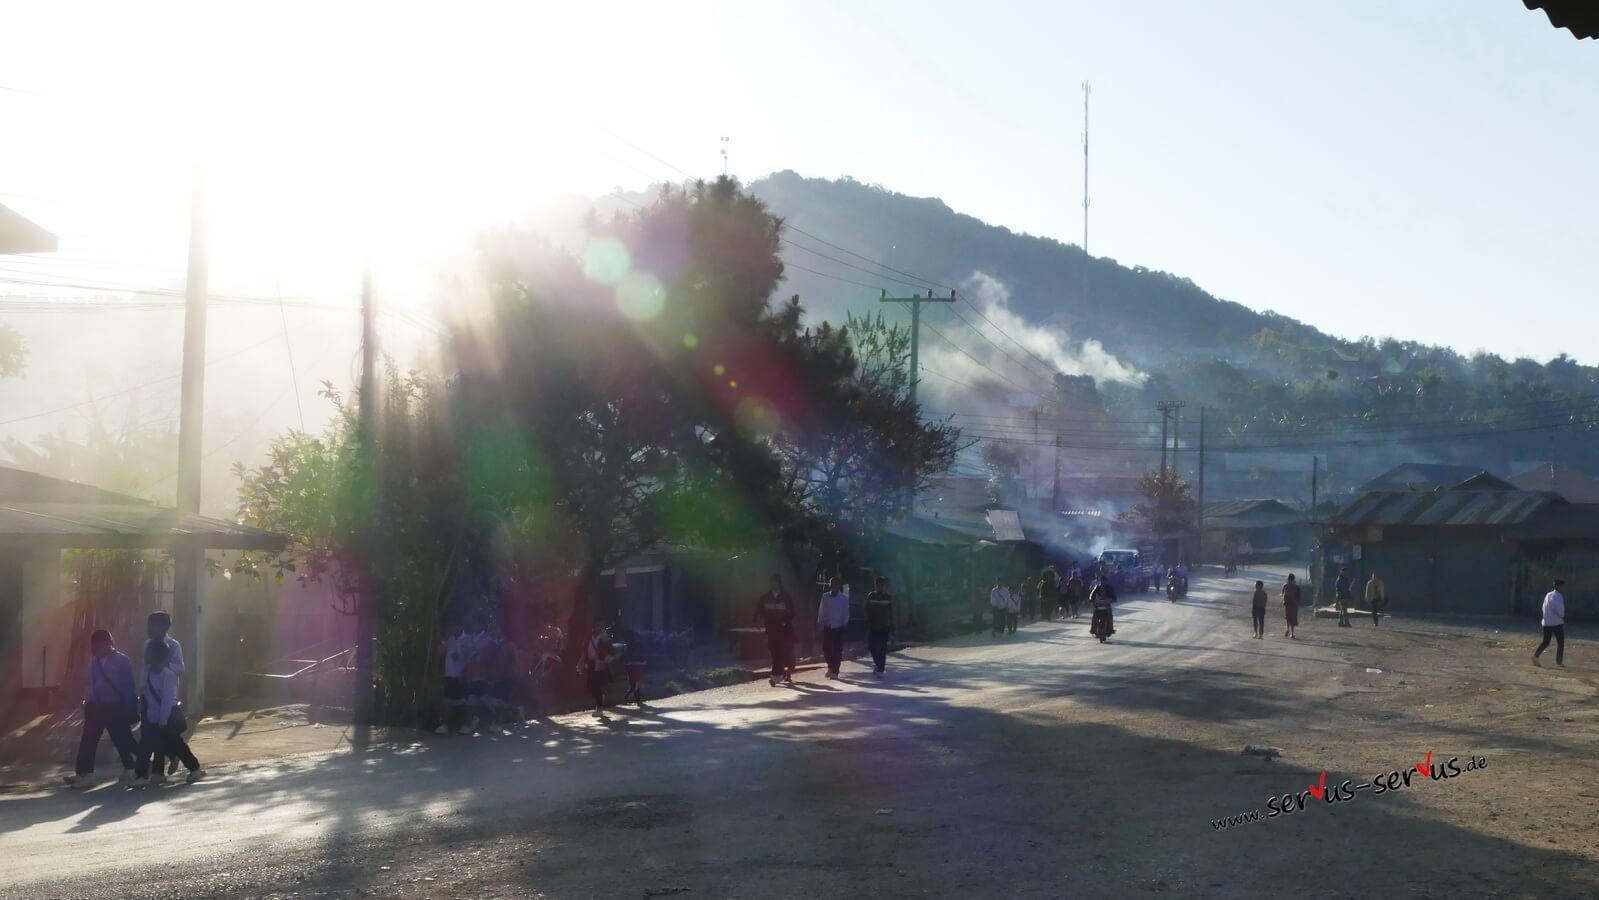 schulweg, laos, pho khame